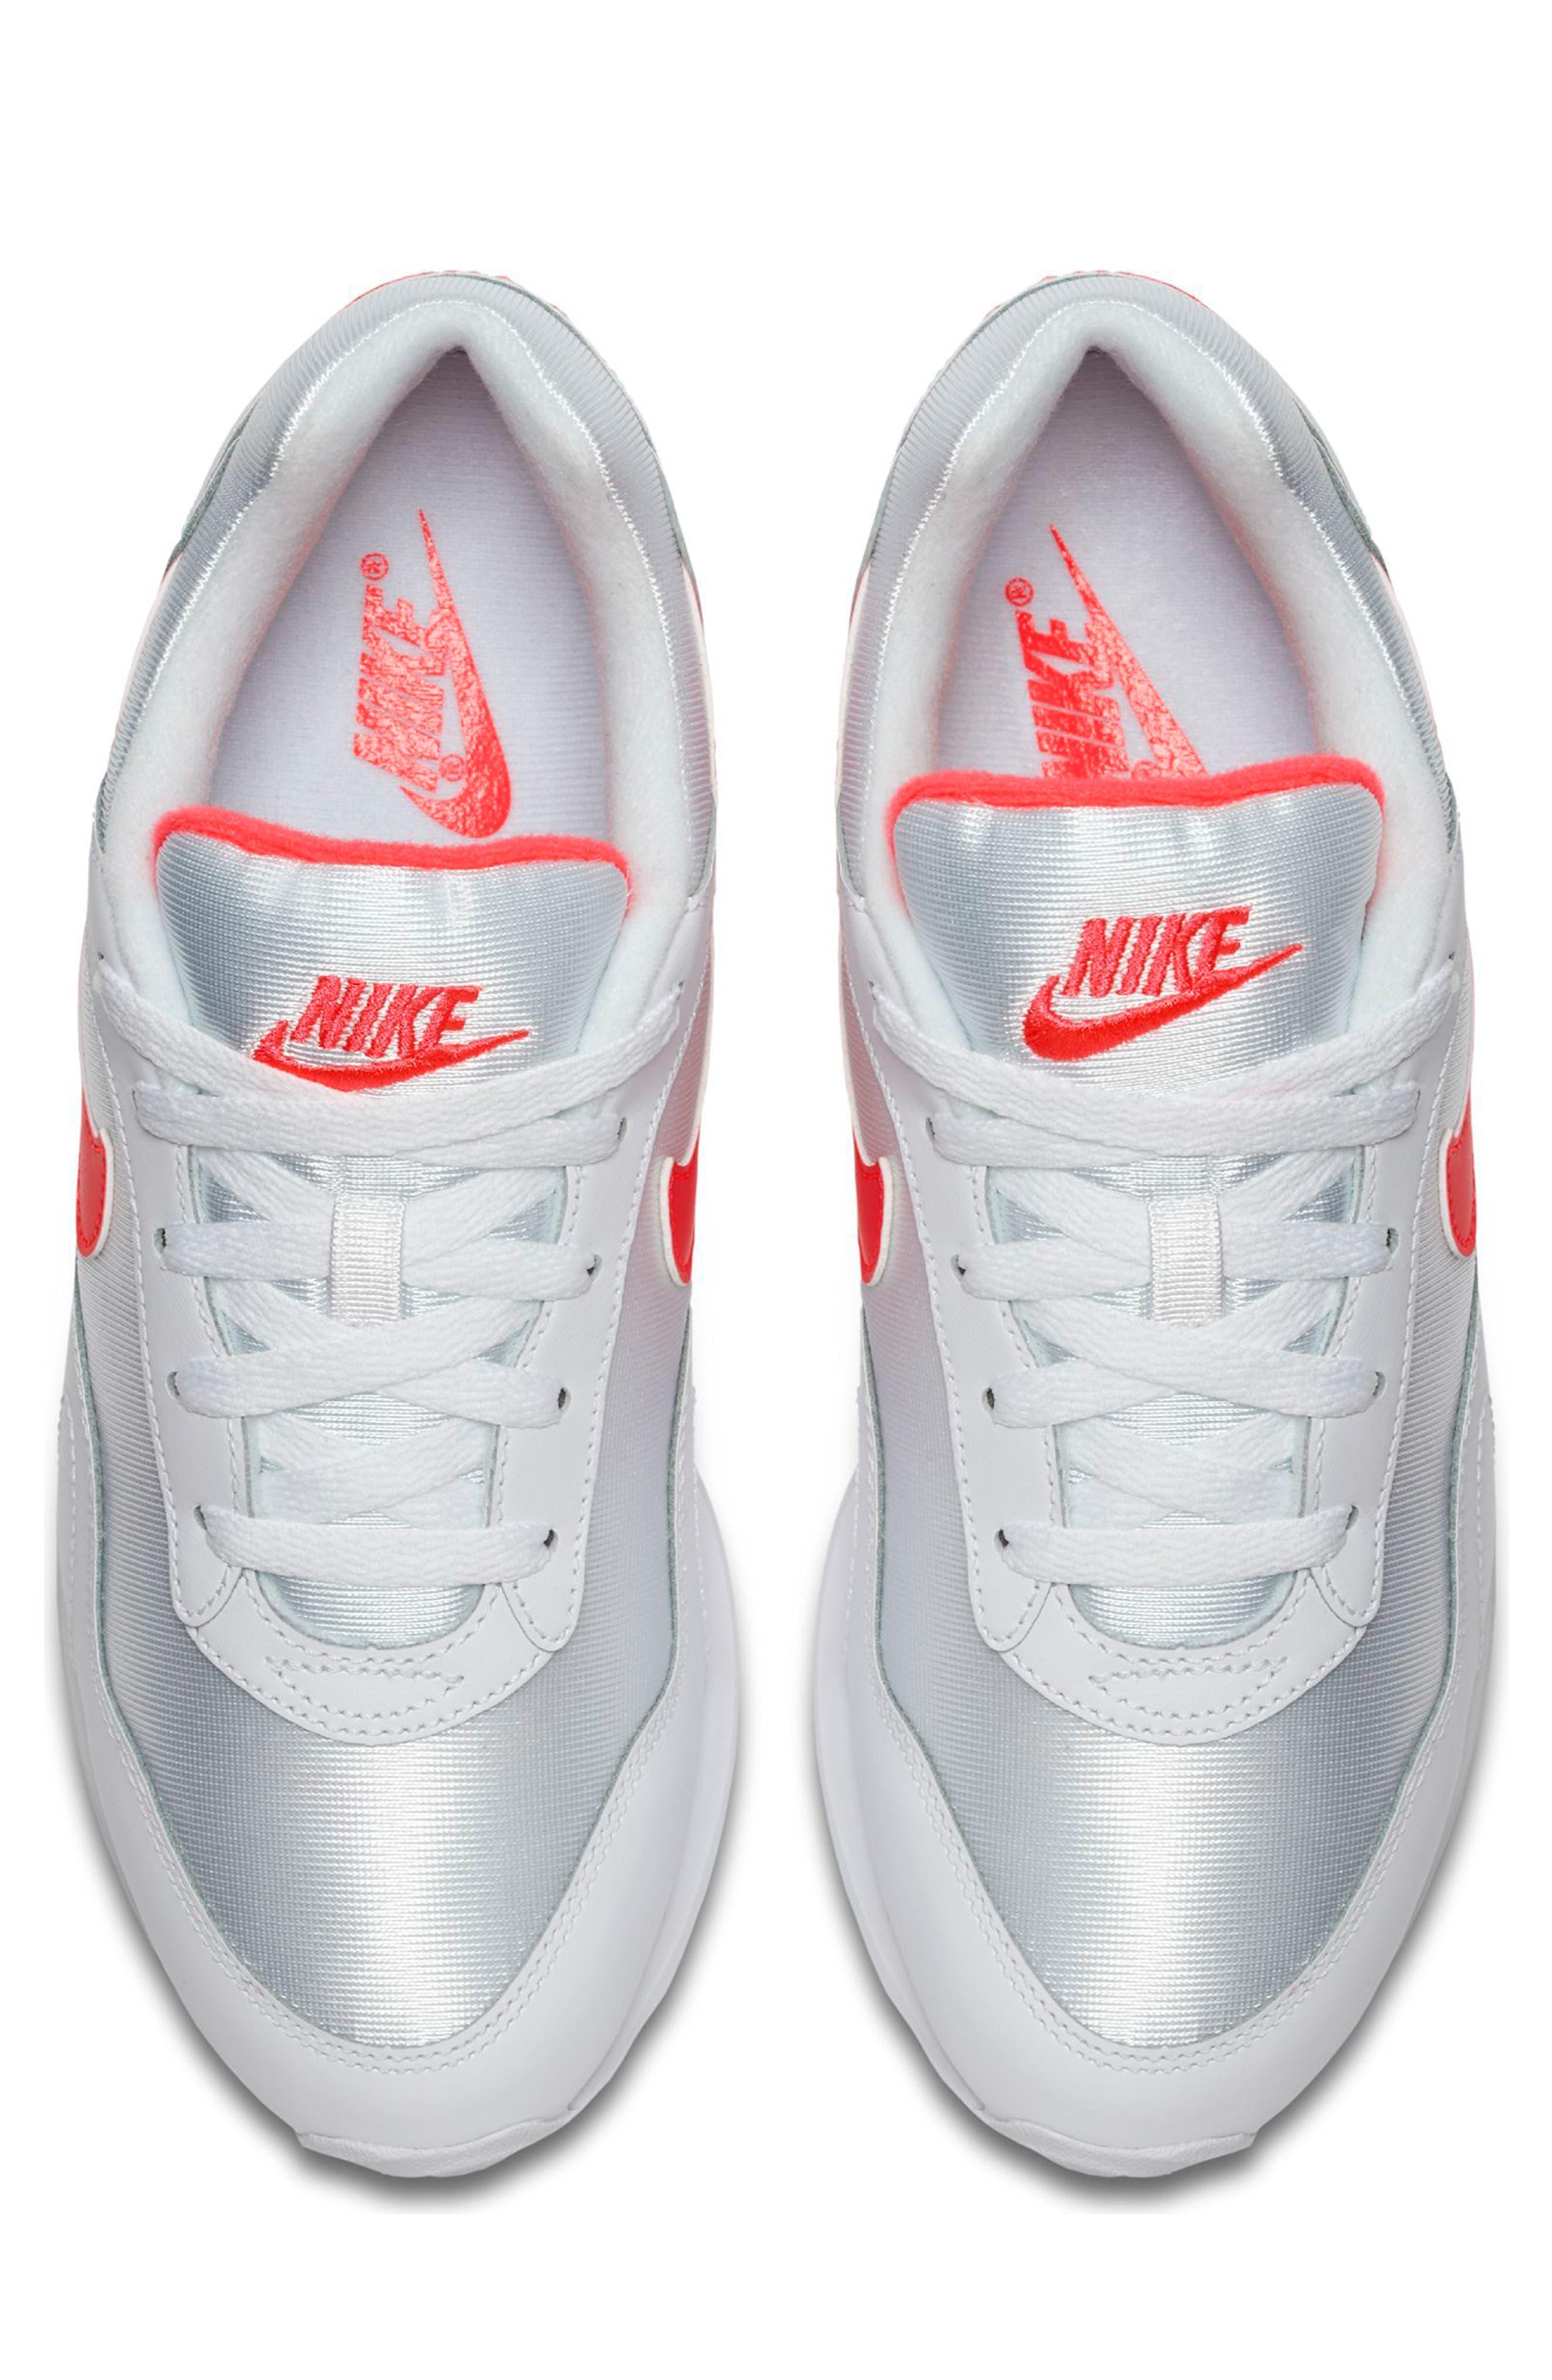 Outburst OG Sneaker,                             Alternate thumbnail 4, color,                             White/ Solar Red